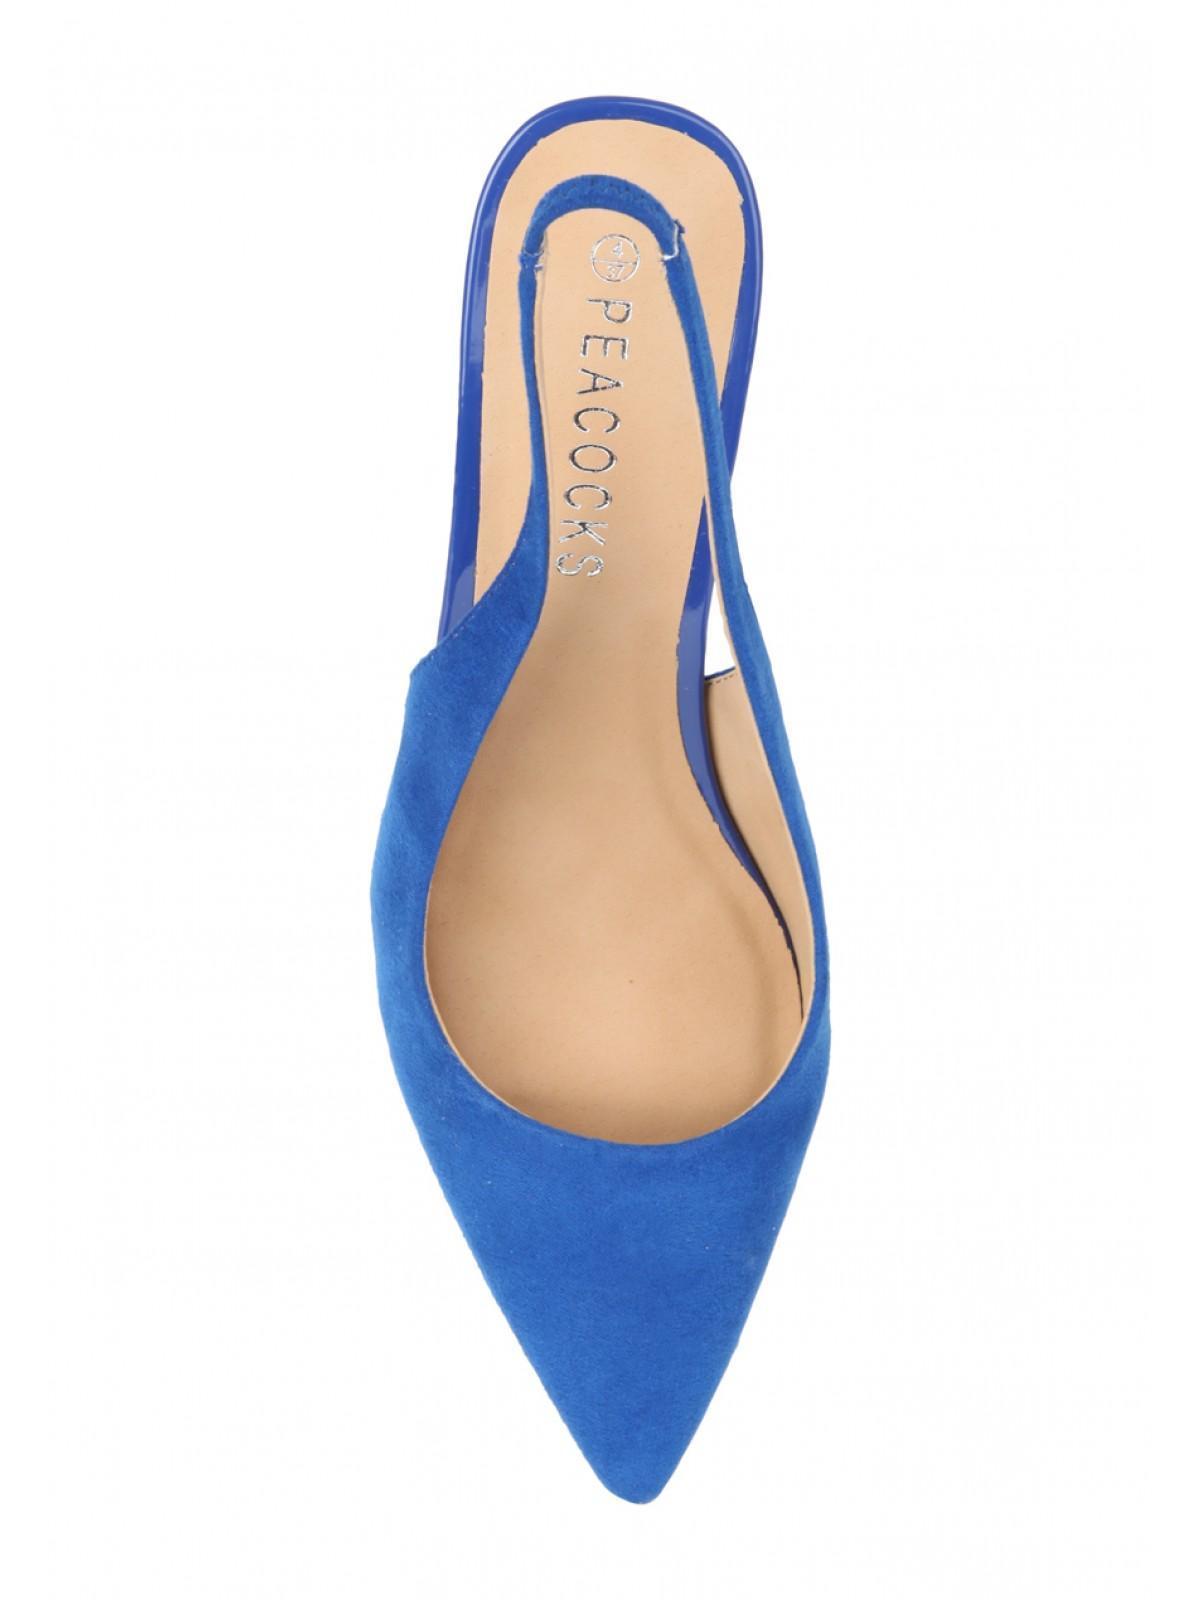 Womens Kitten Heel Slingback Shoe | Peacocks